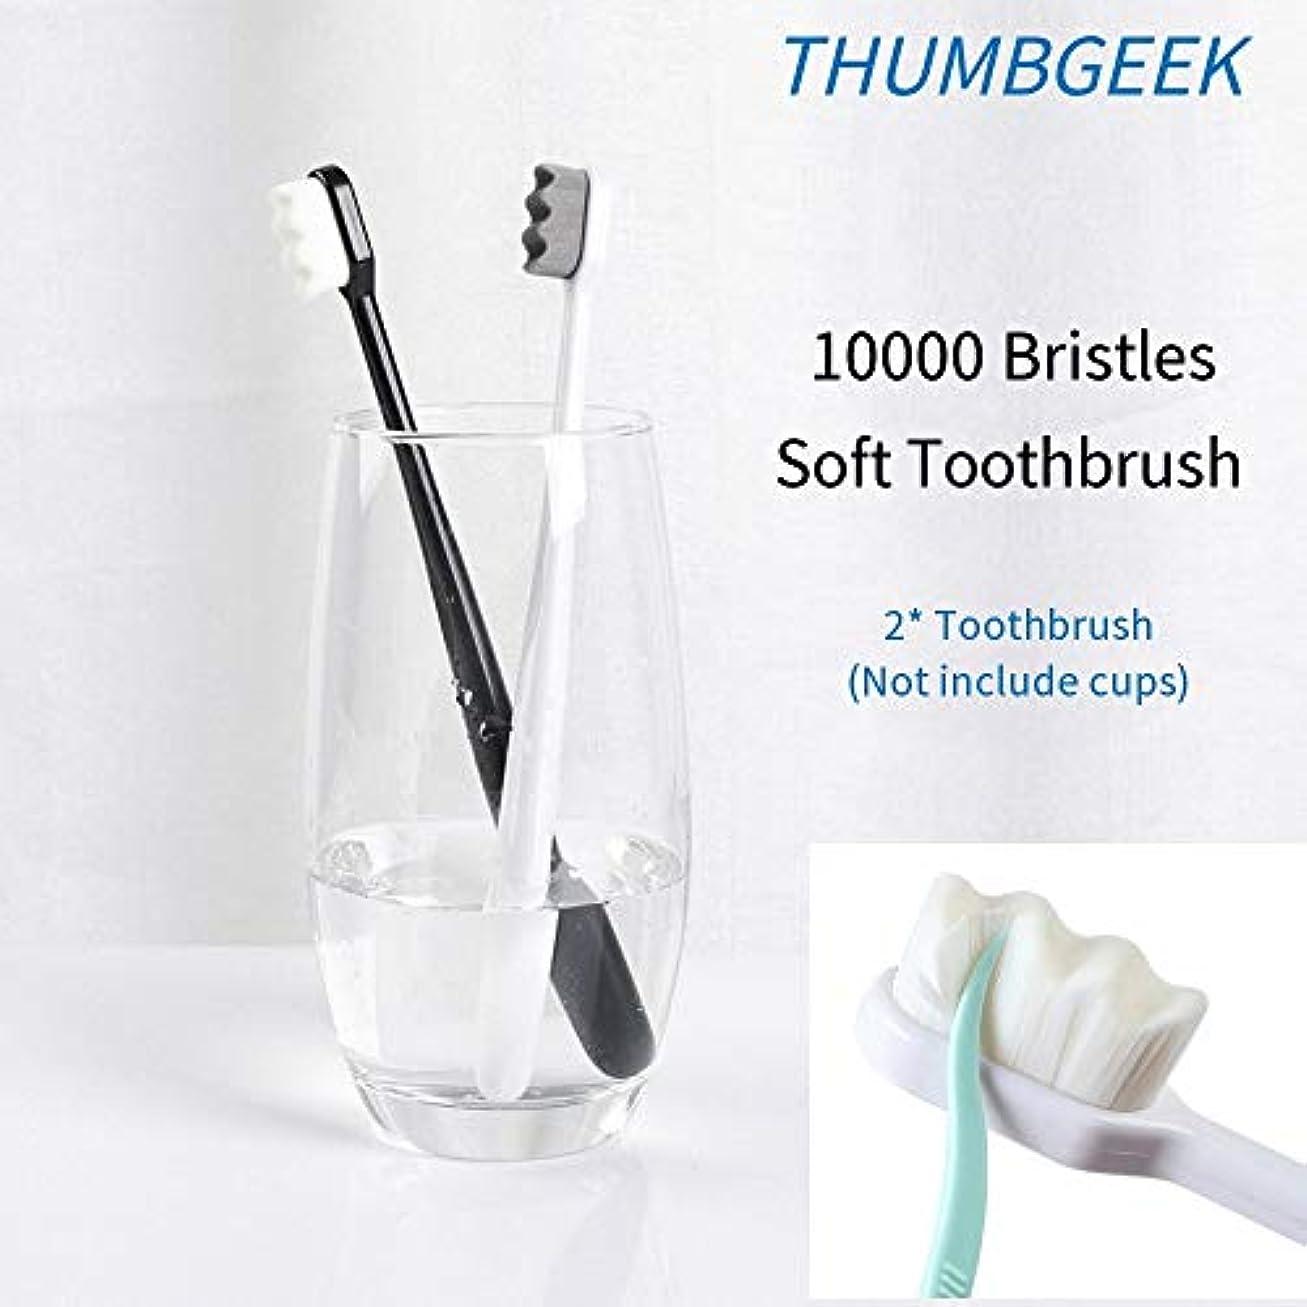 女王最小化するデマンド2本の歯ブラシ、ウルトラソフト歯ブラシ、家族の妊娠中の女性用、年配の看護の歯肉に敏感なディープマウスクリーンオーラルケア、手動歯ブラシ